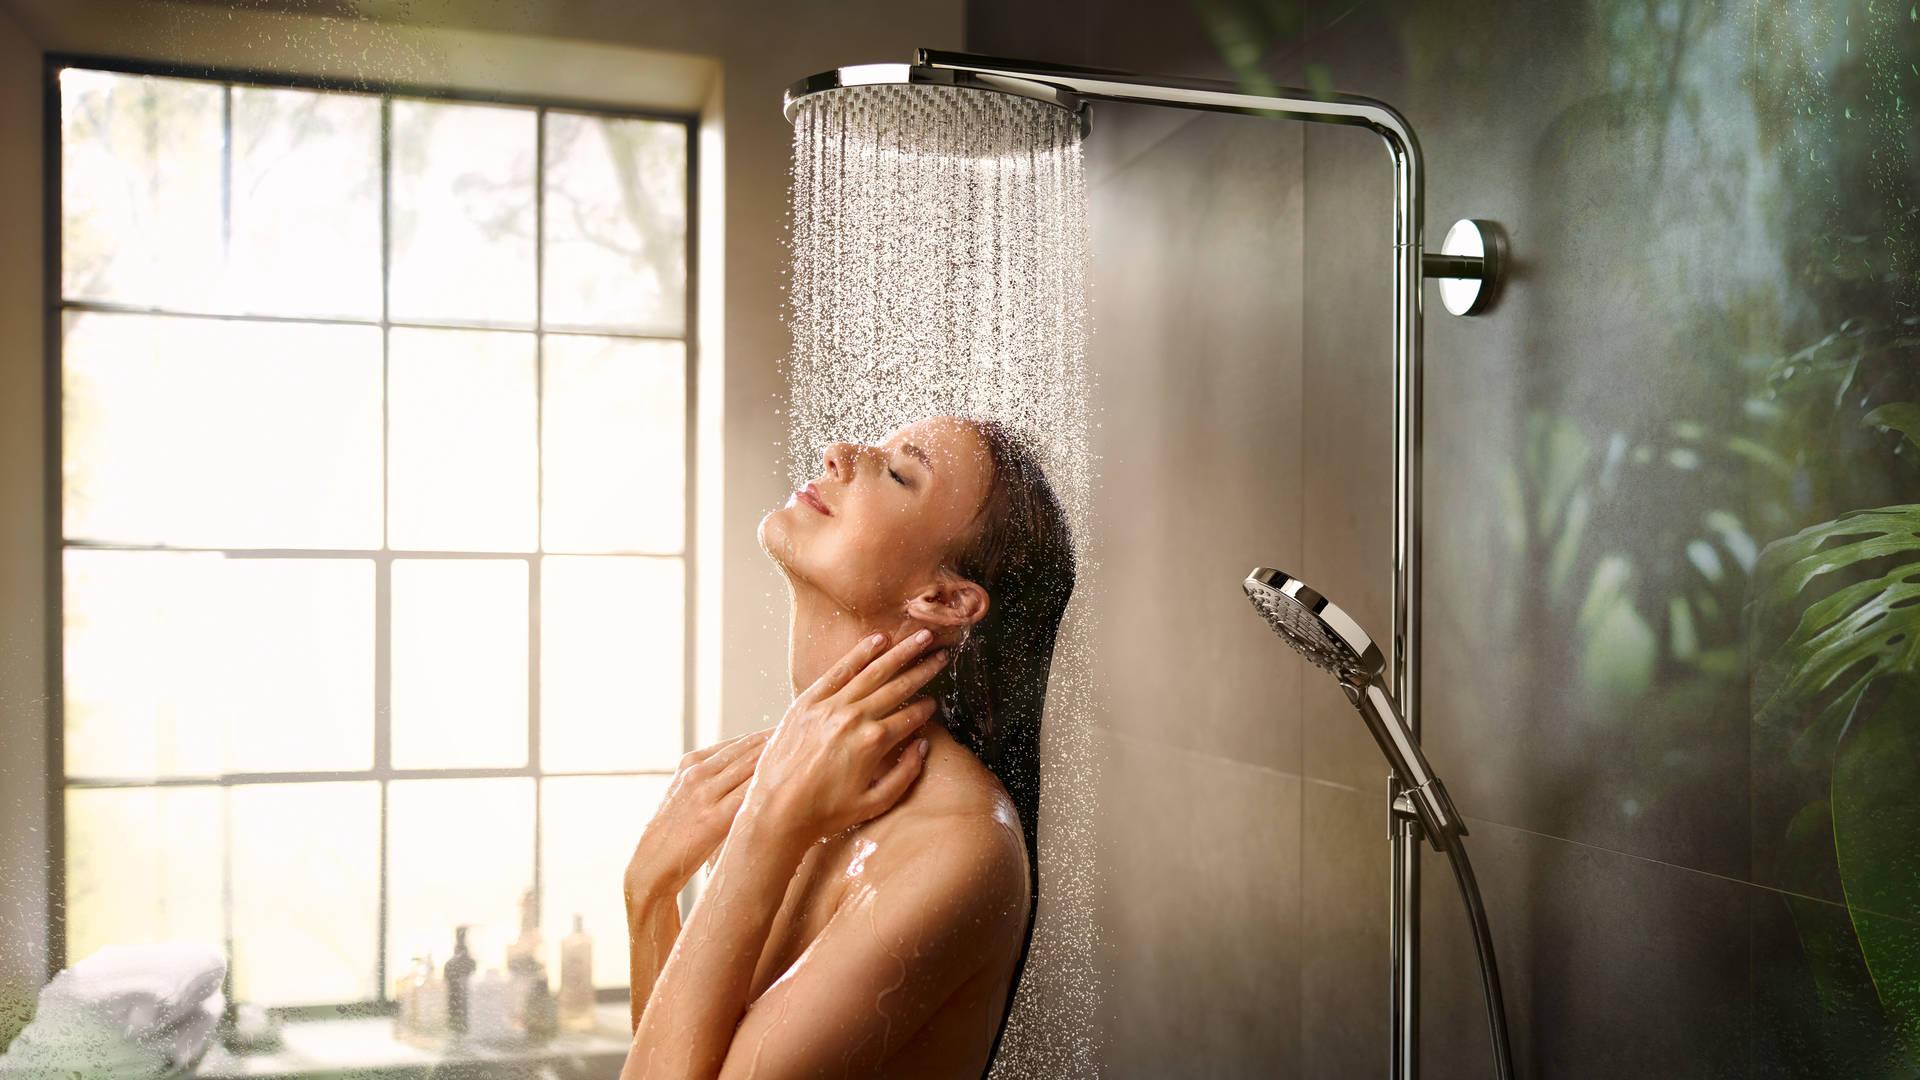 Чрезмерная гигиена: что будет с кожей, если принимать душ слишком часто